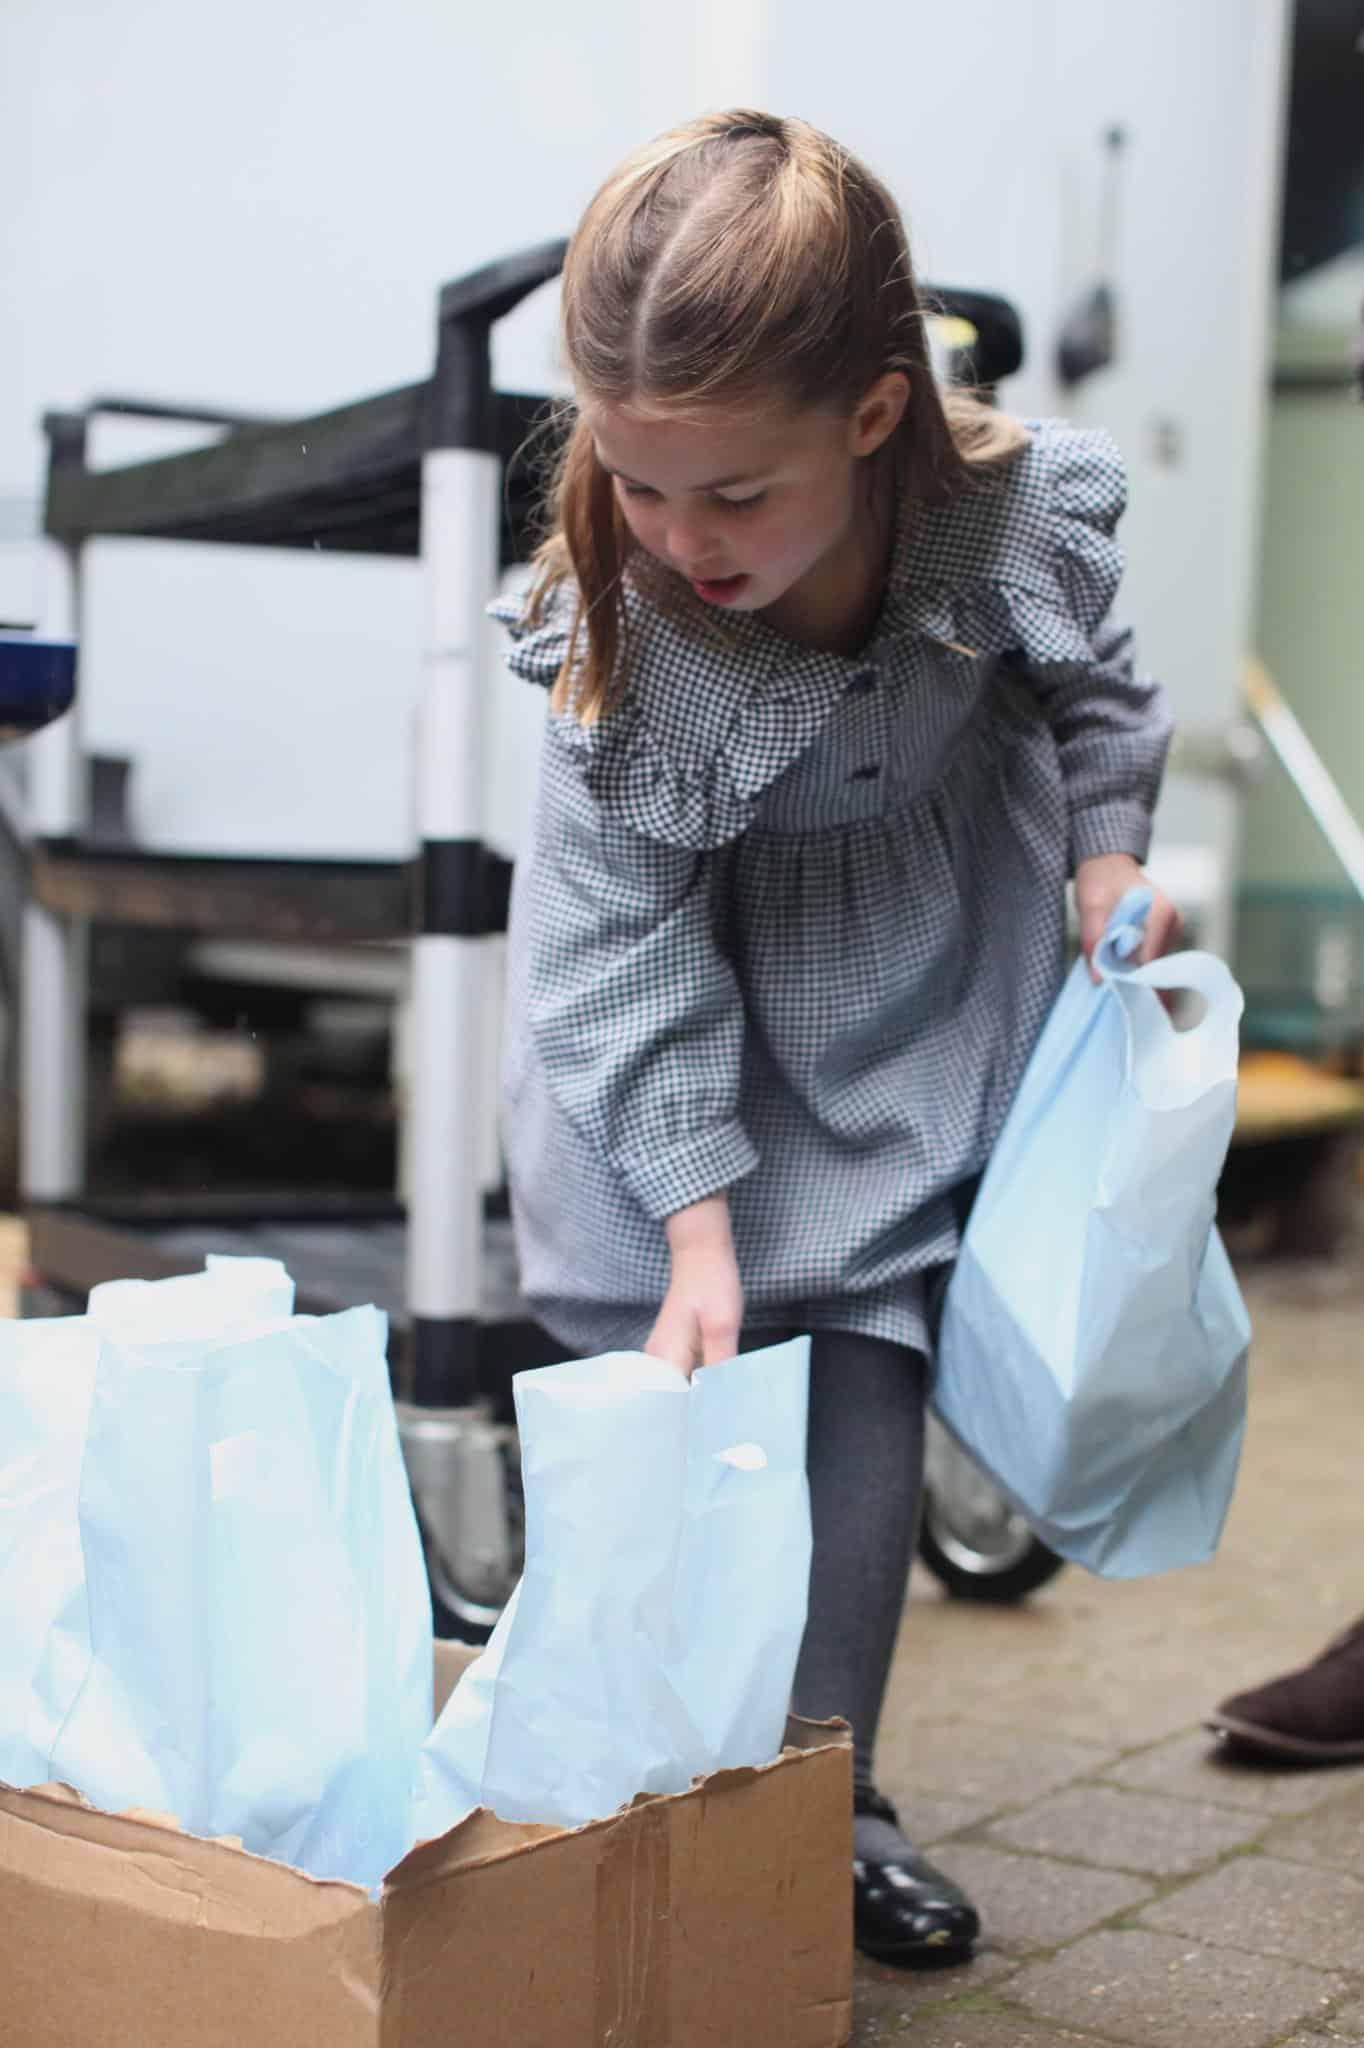 La piccola Charlotte consegna pacchi ai pensionati durante il lockdown: tutti pazzi per lei